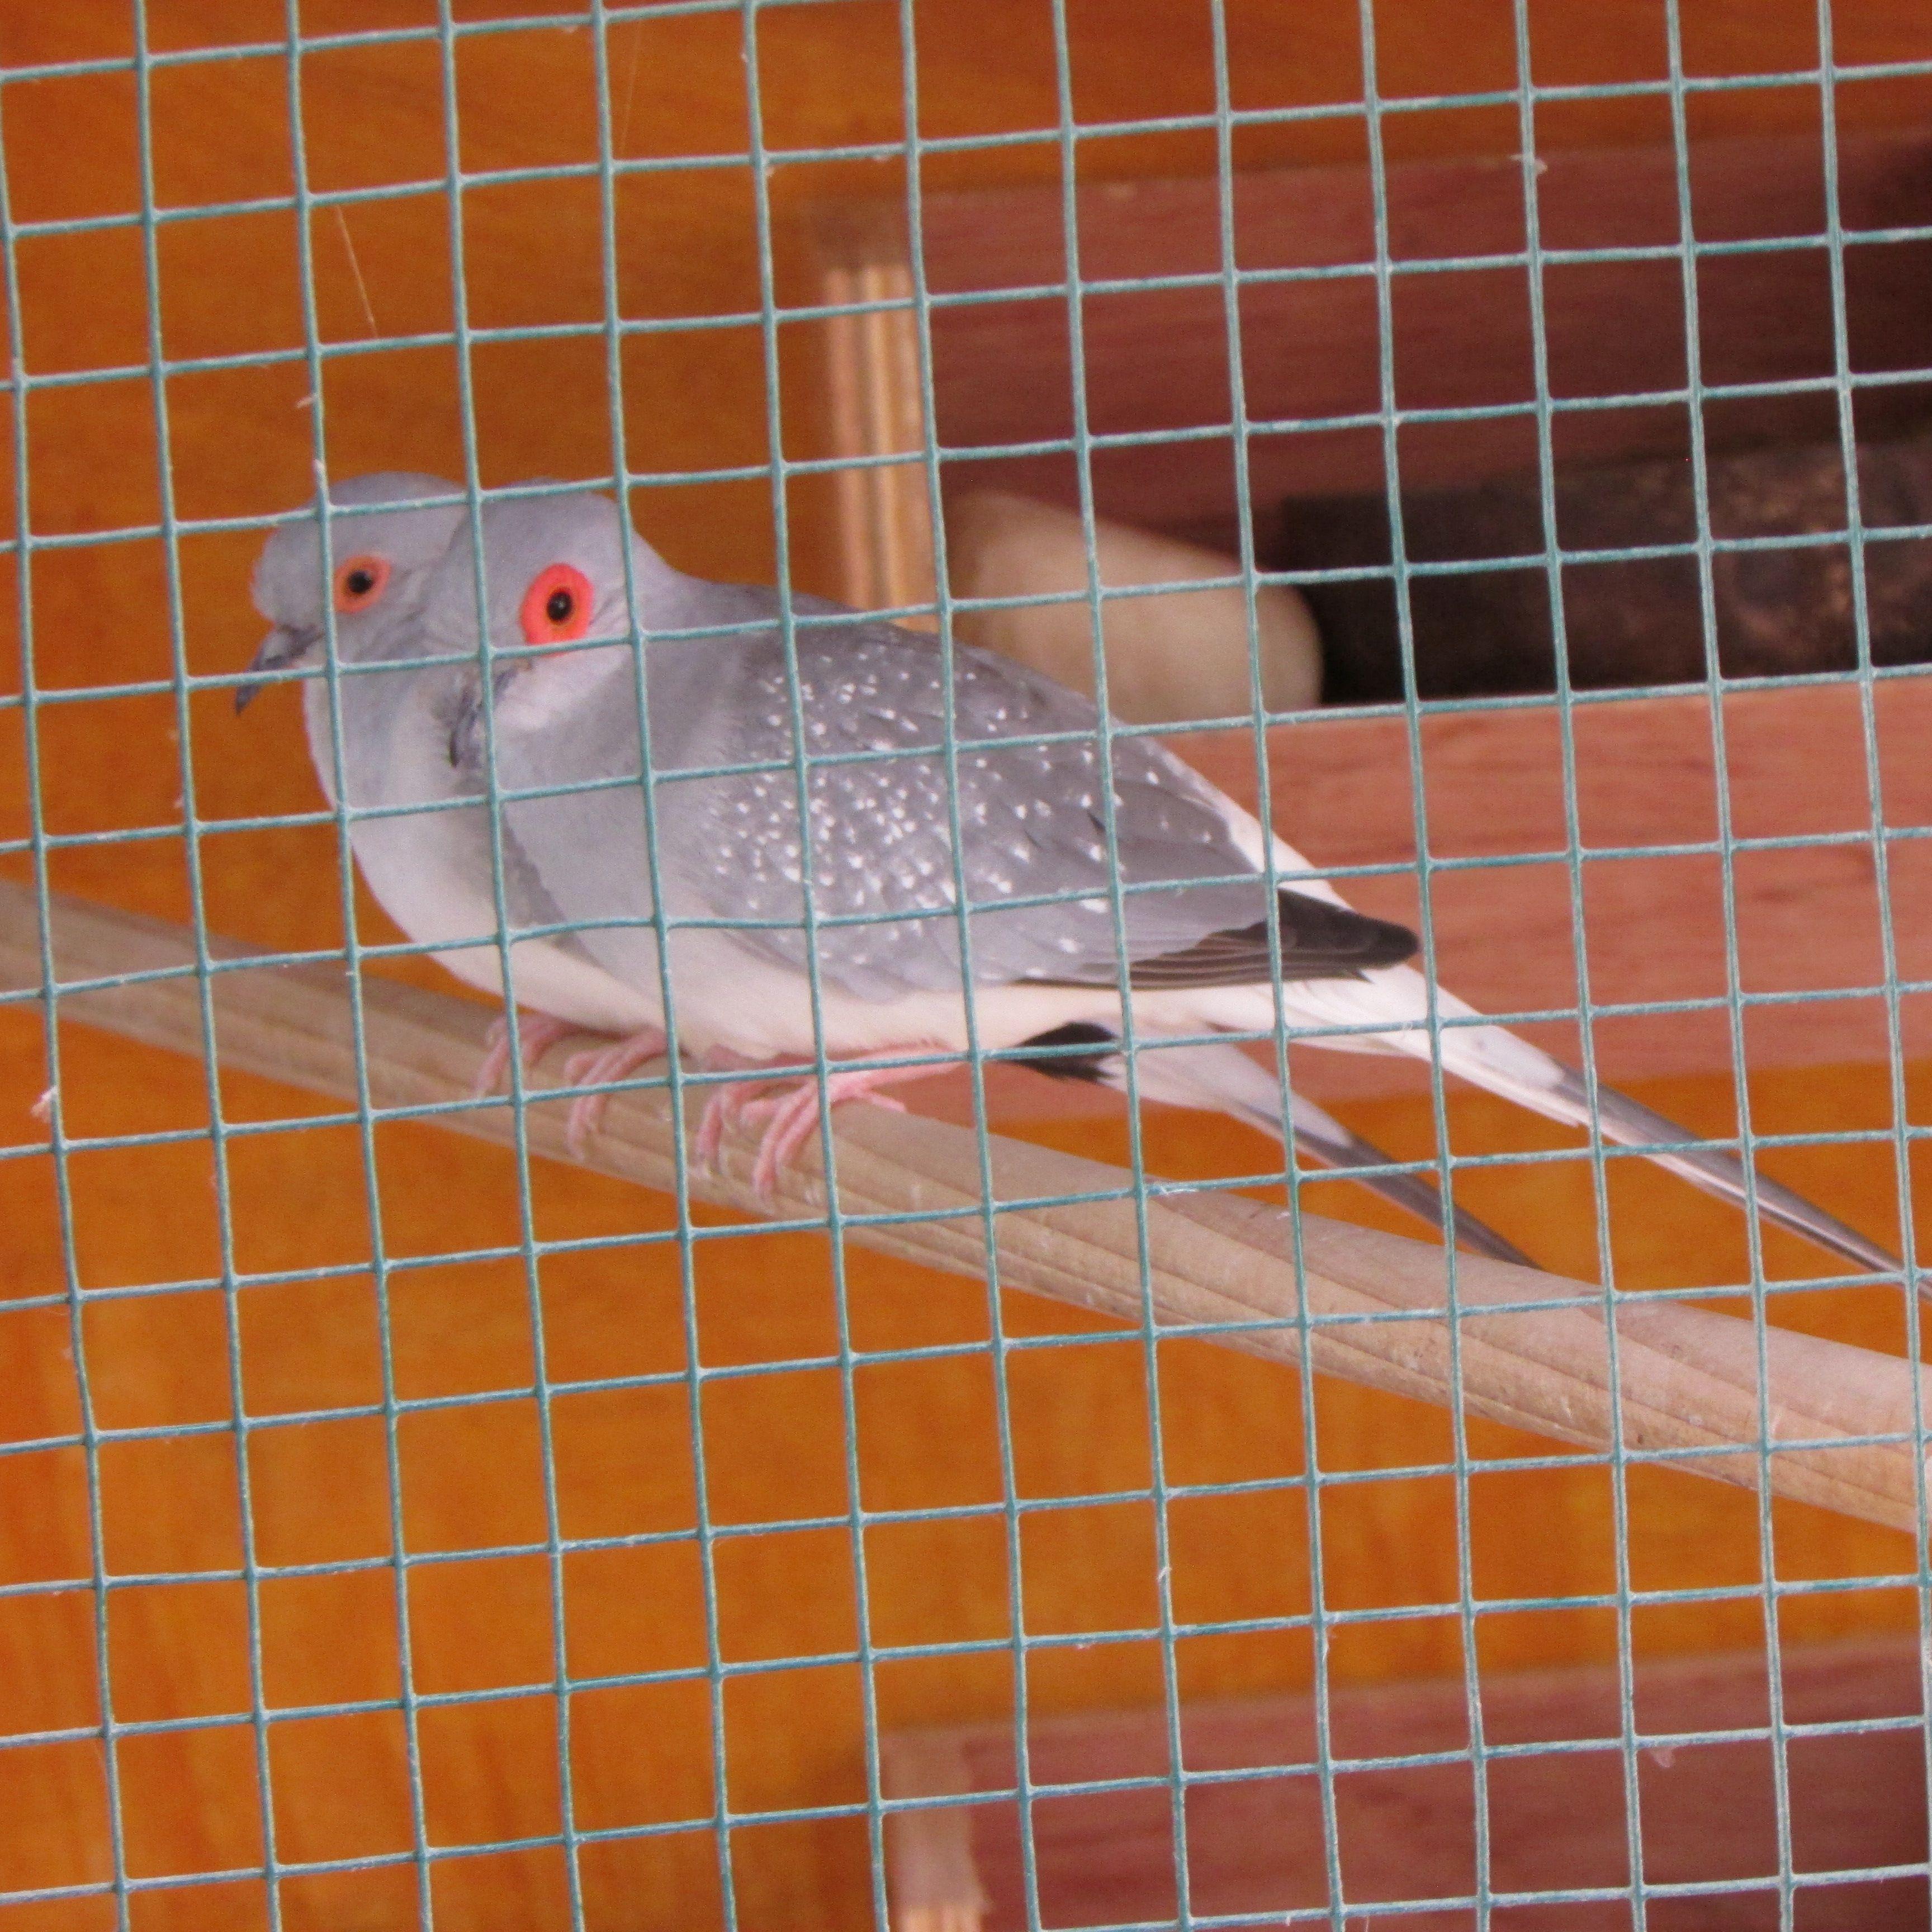 Diamante Blue White Rump Male Diamond Dove In Front And Luna